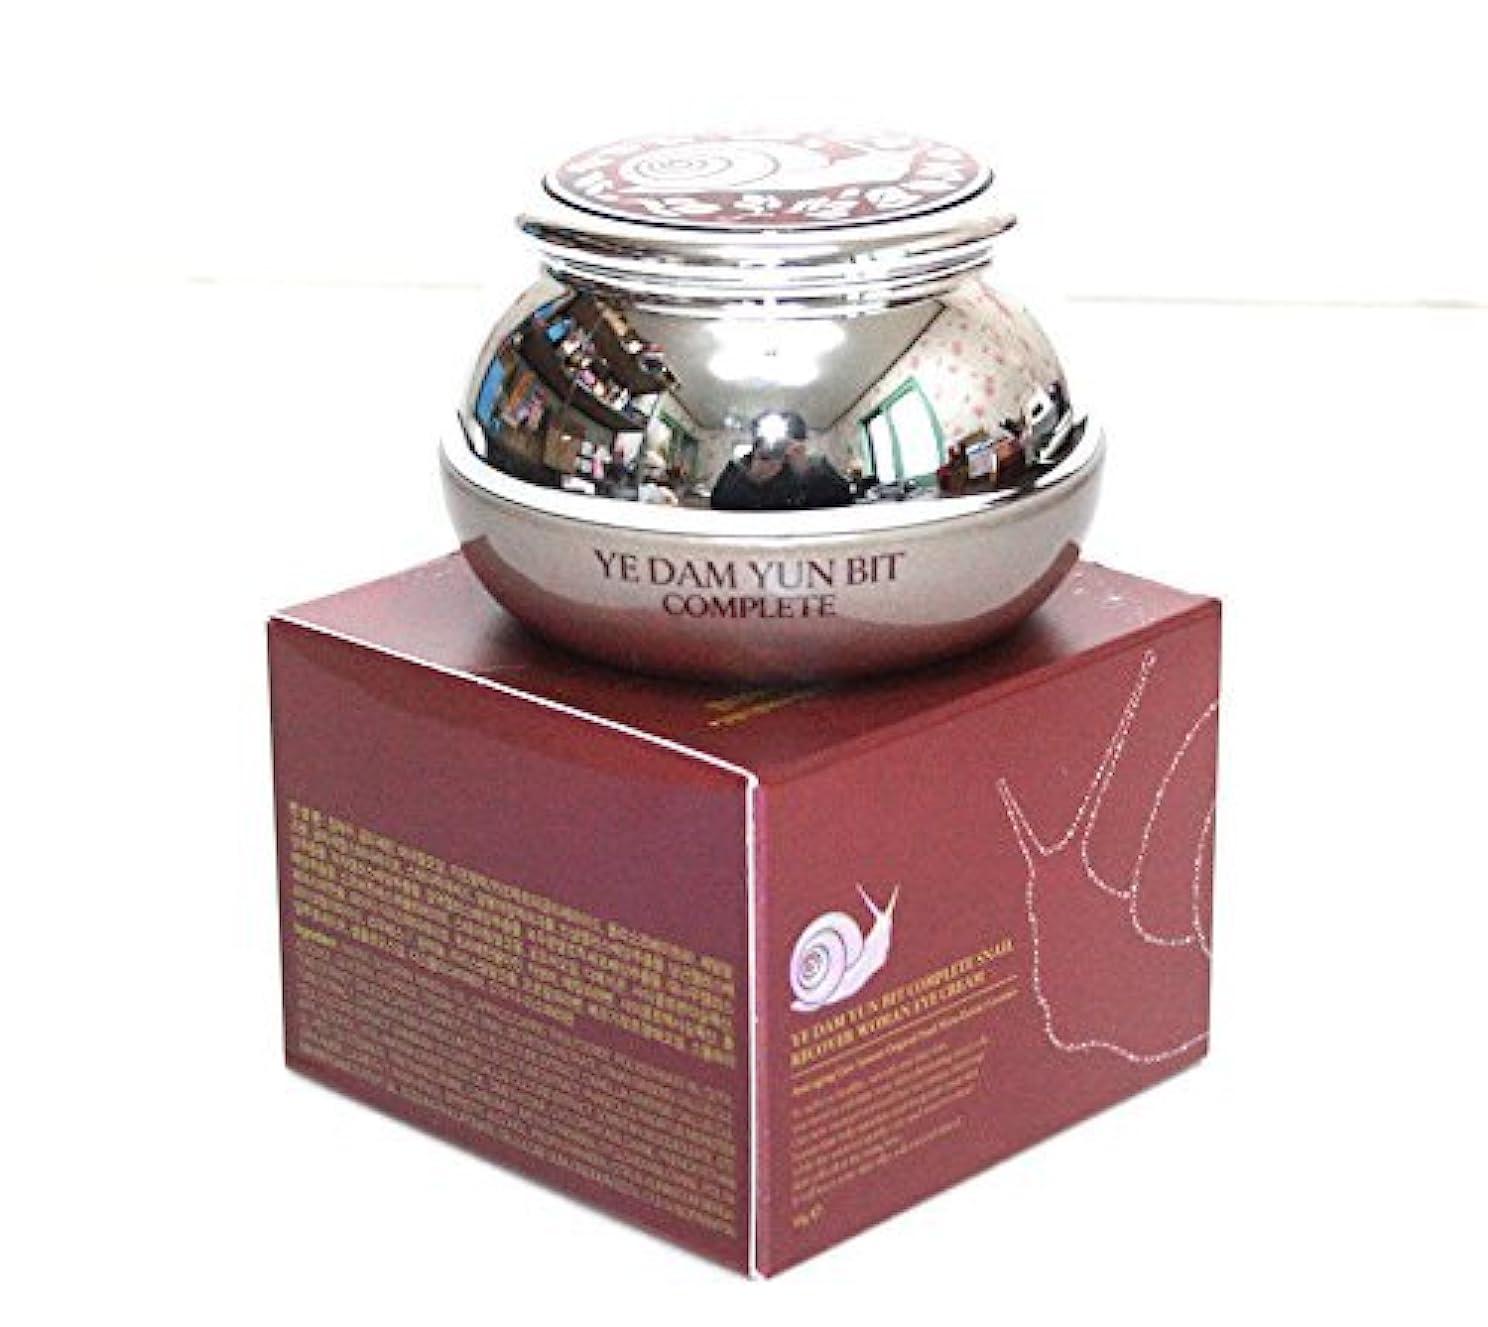 音節円形リファイン[YEDAM YUN BIT] スキンが完成カタツムリ回復女性のアイクリーム50ml/韓国の化粧品/COMPLETE Skin Snail Recover Woman Eye Cream 50ml/Korean cosmetics...